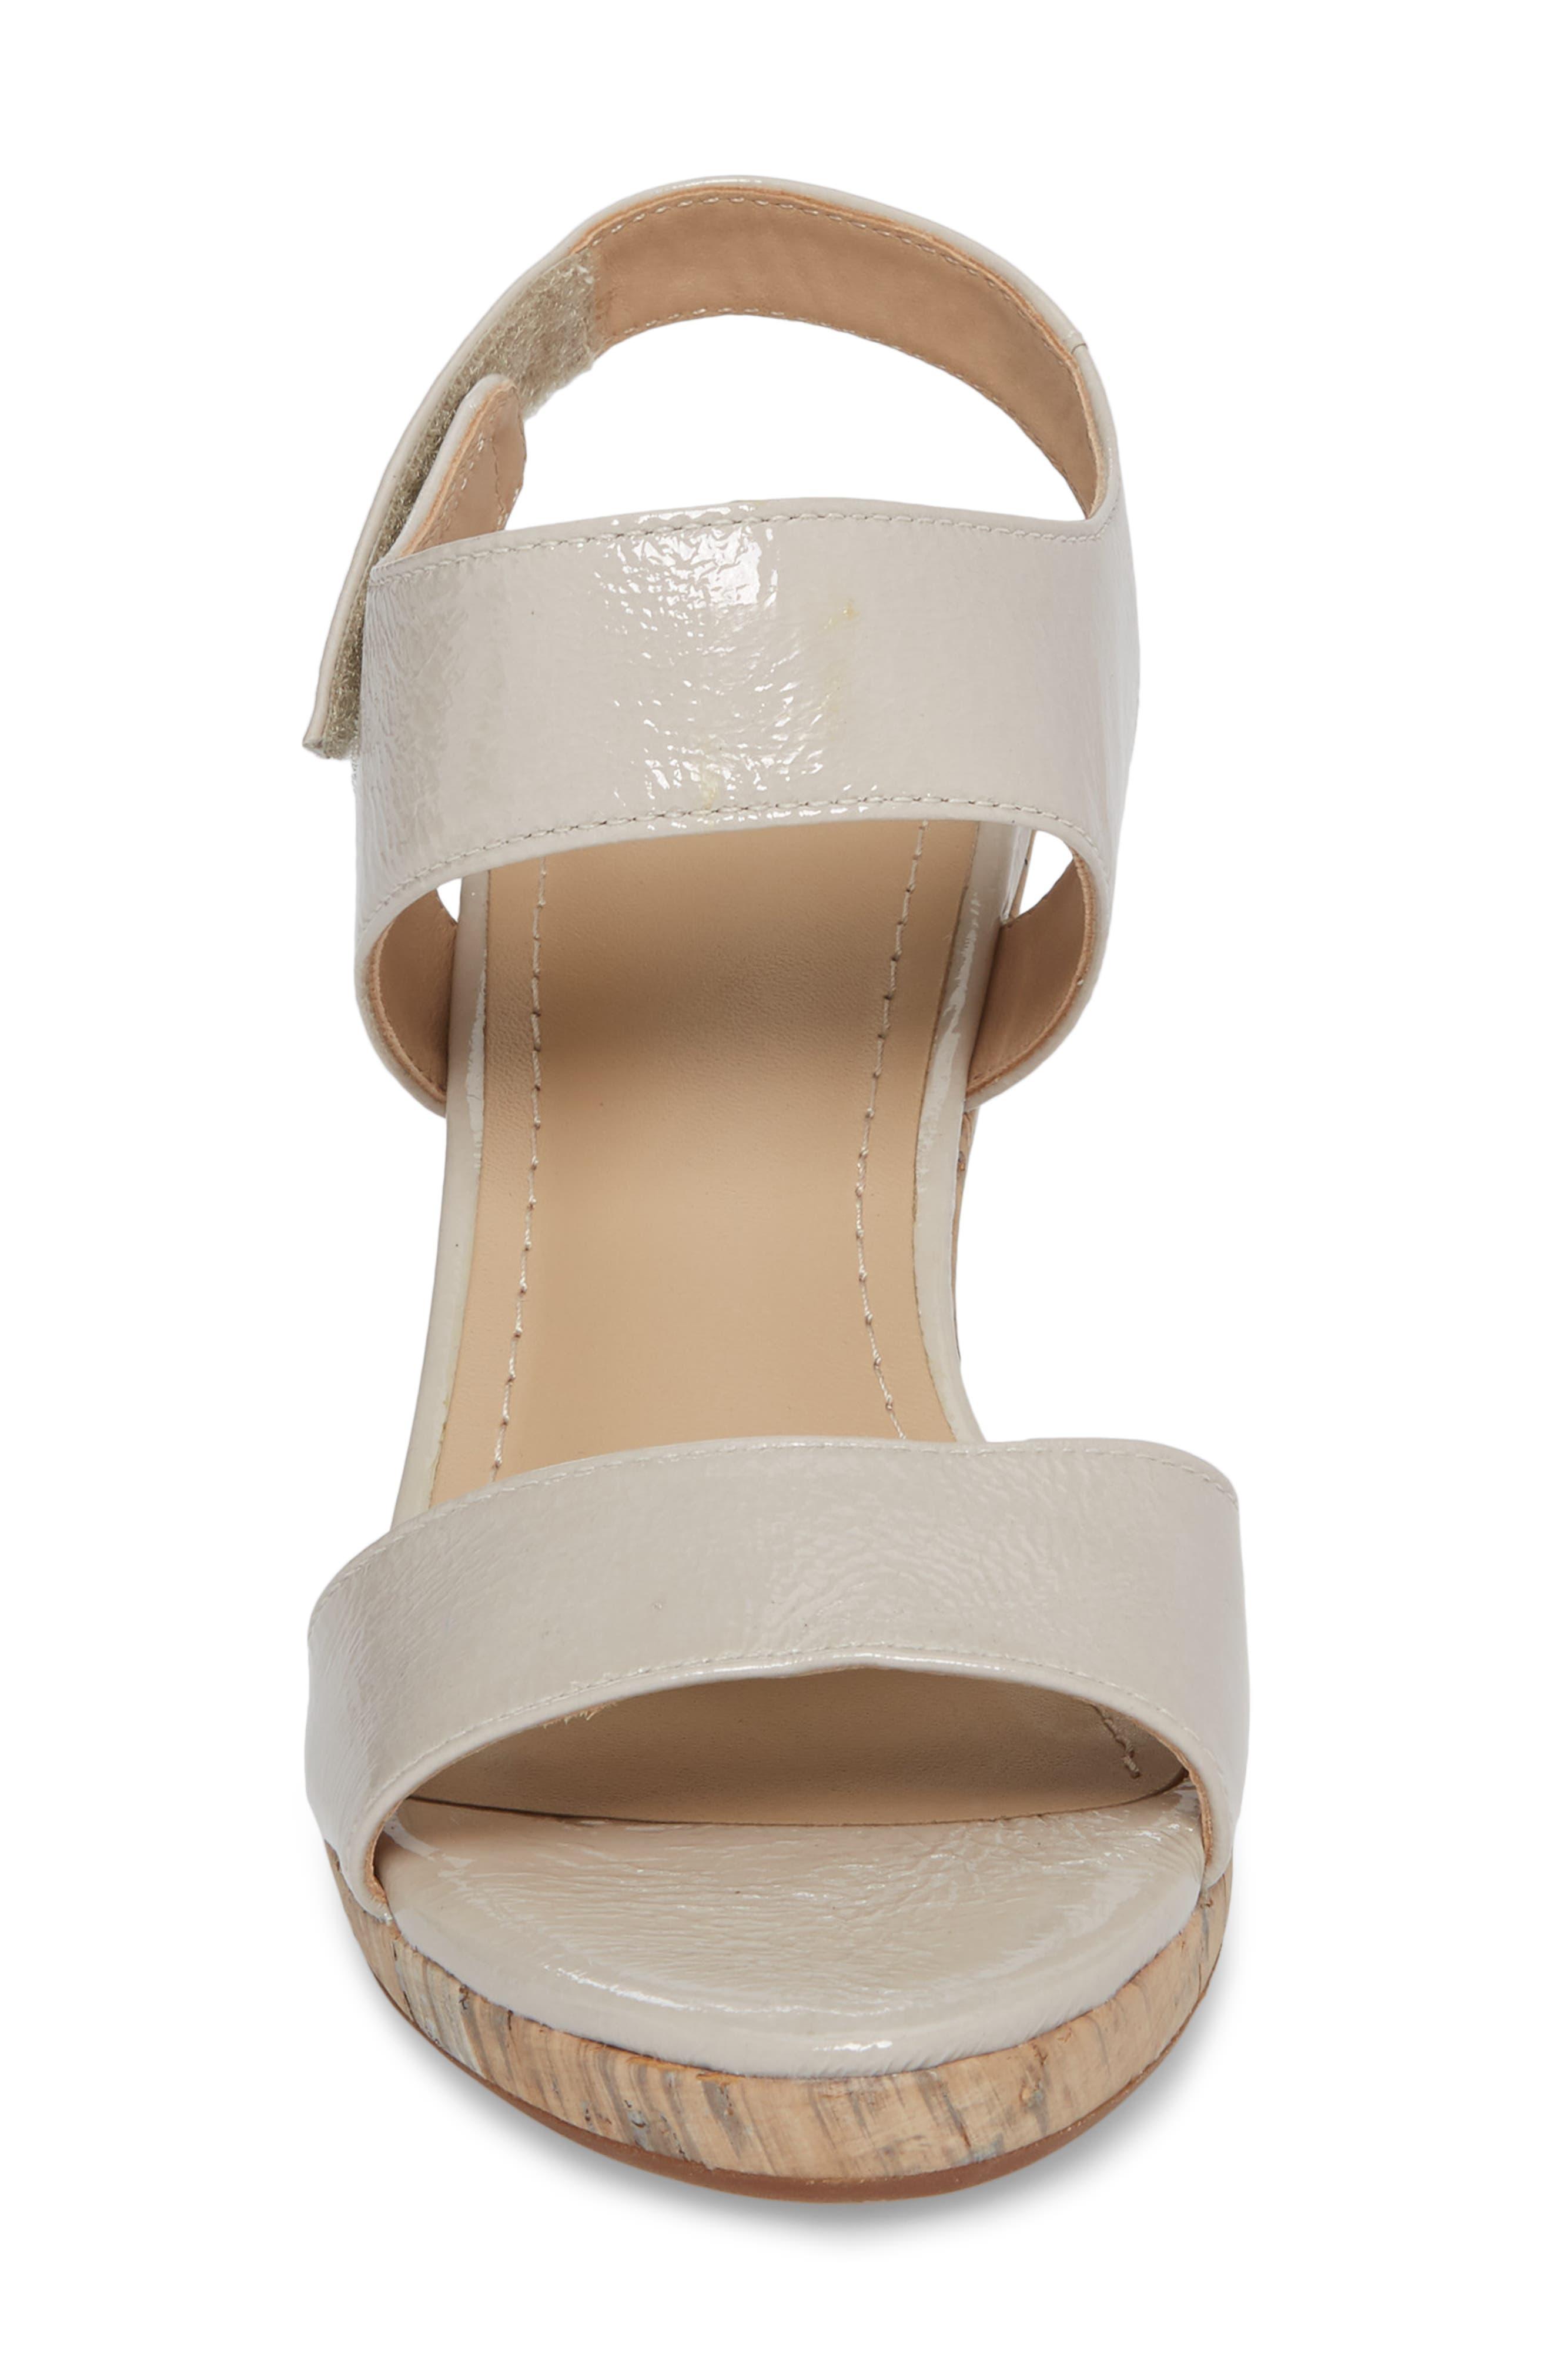 Glenna Wedge Sandal,                             Alternate thumbnail 8, color,